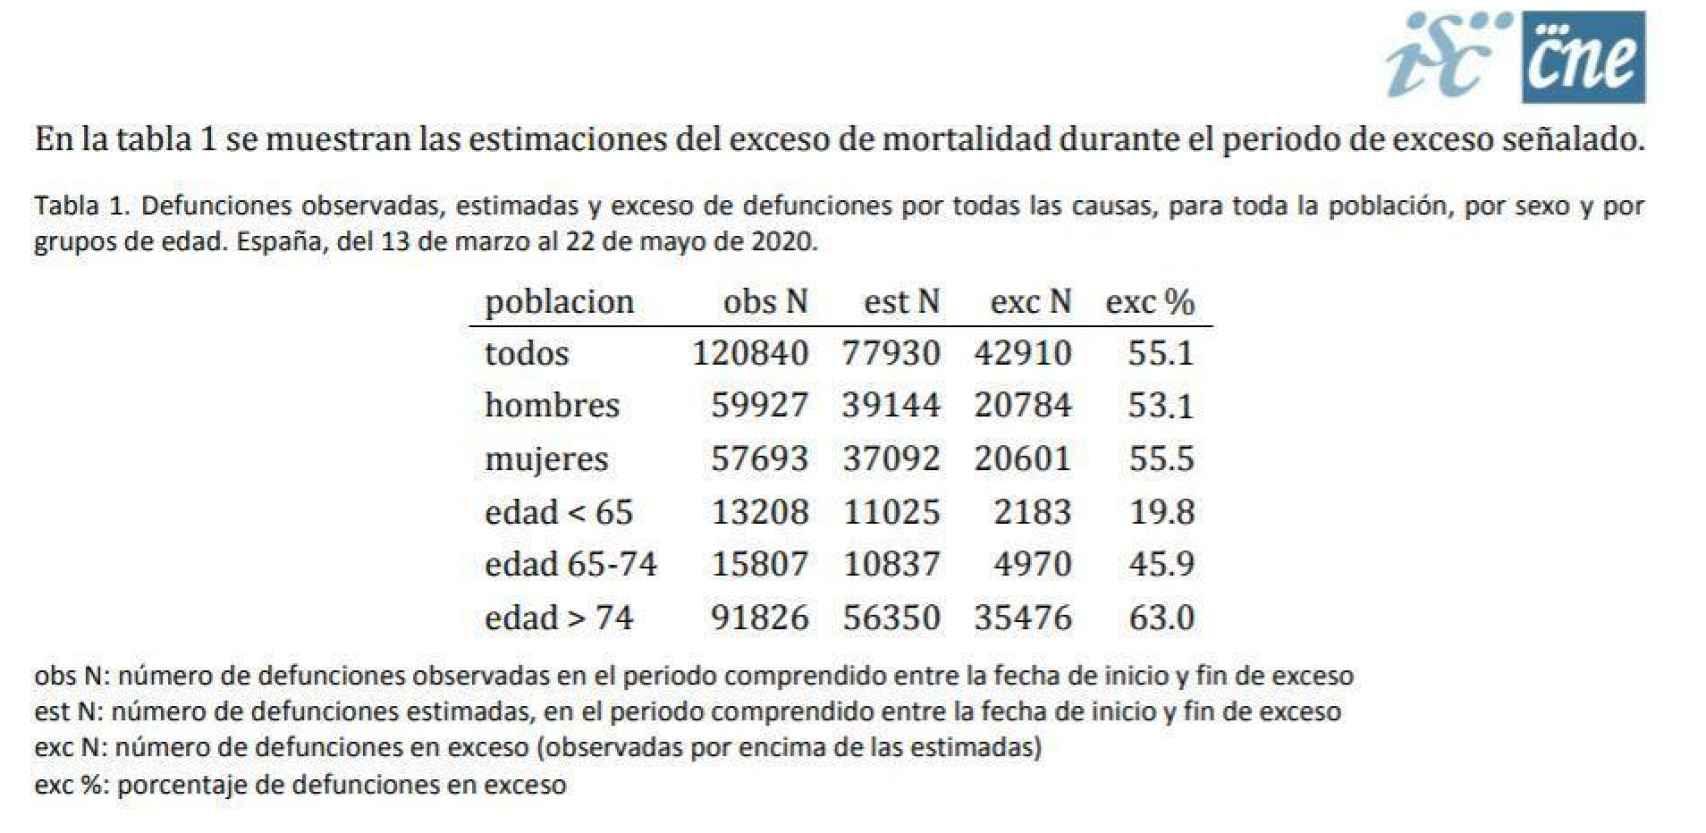 Gráfico del exceso de mortalidad del MoMo